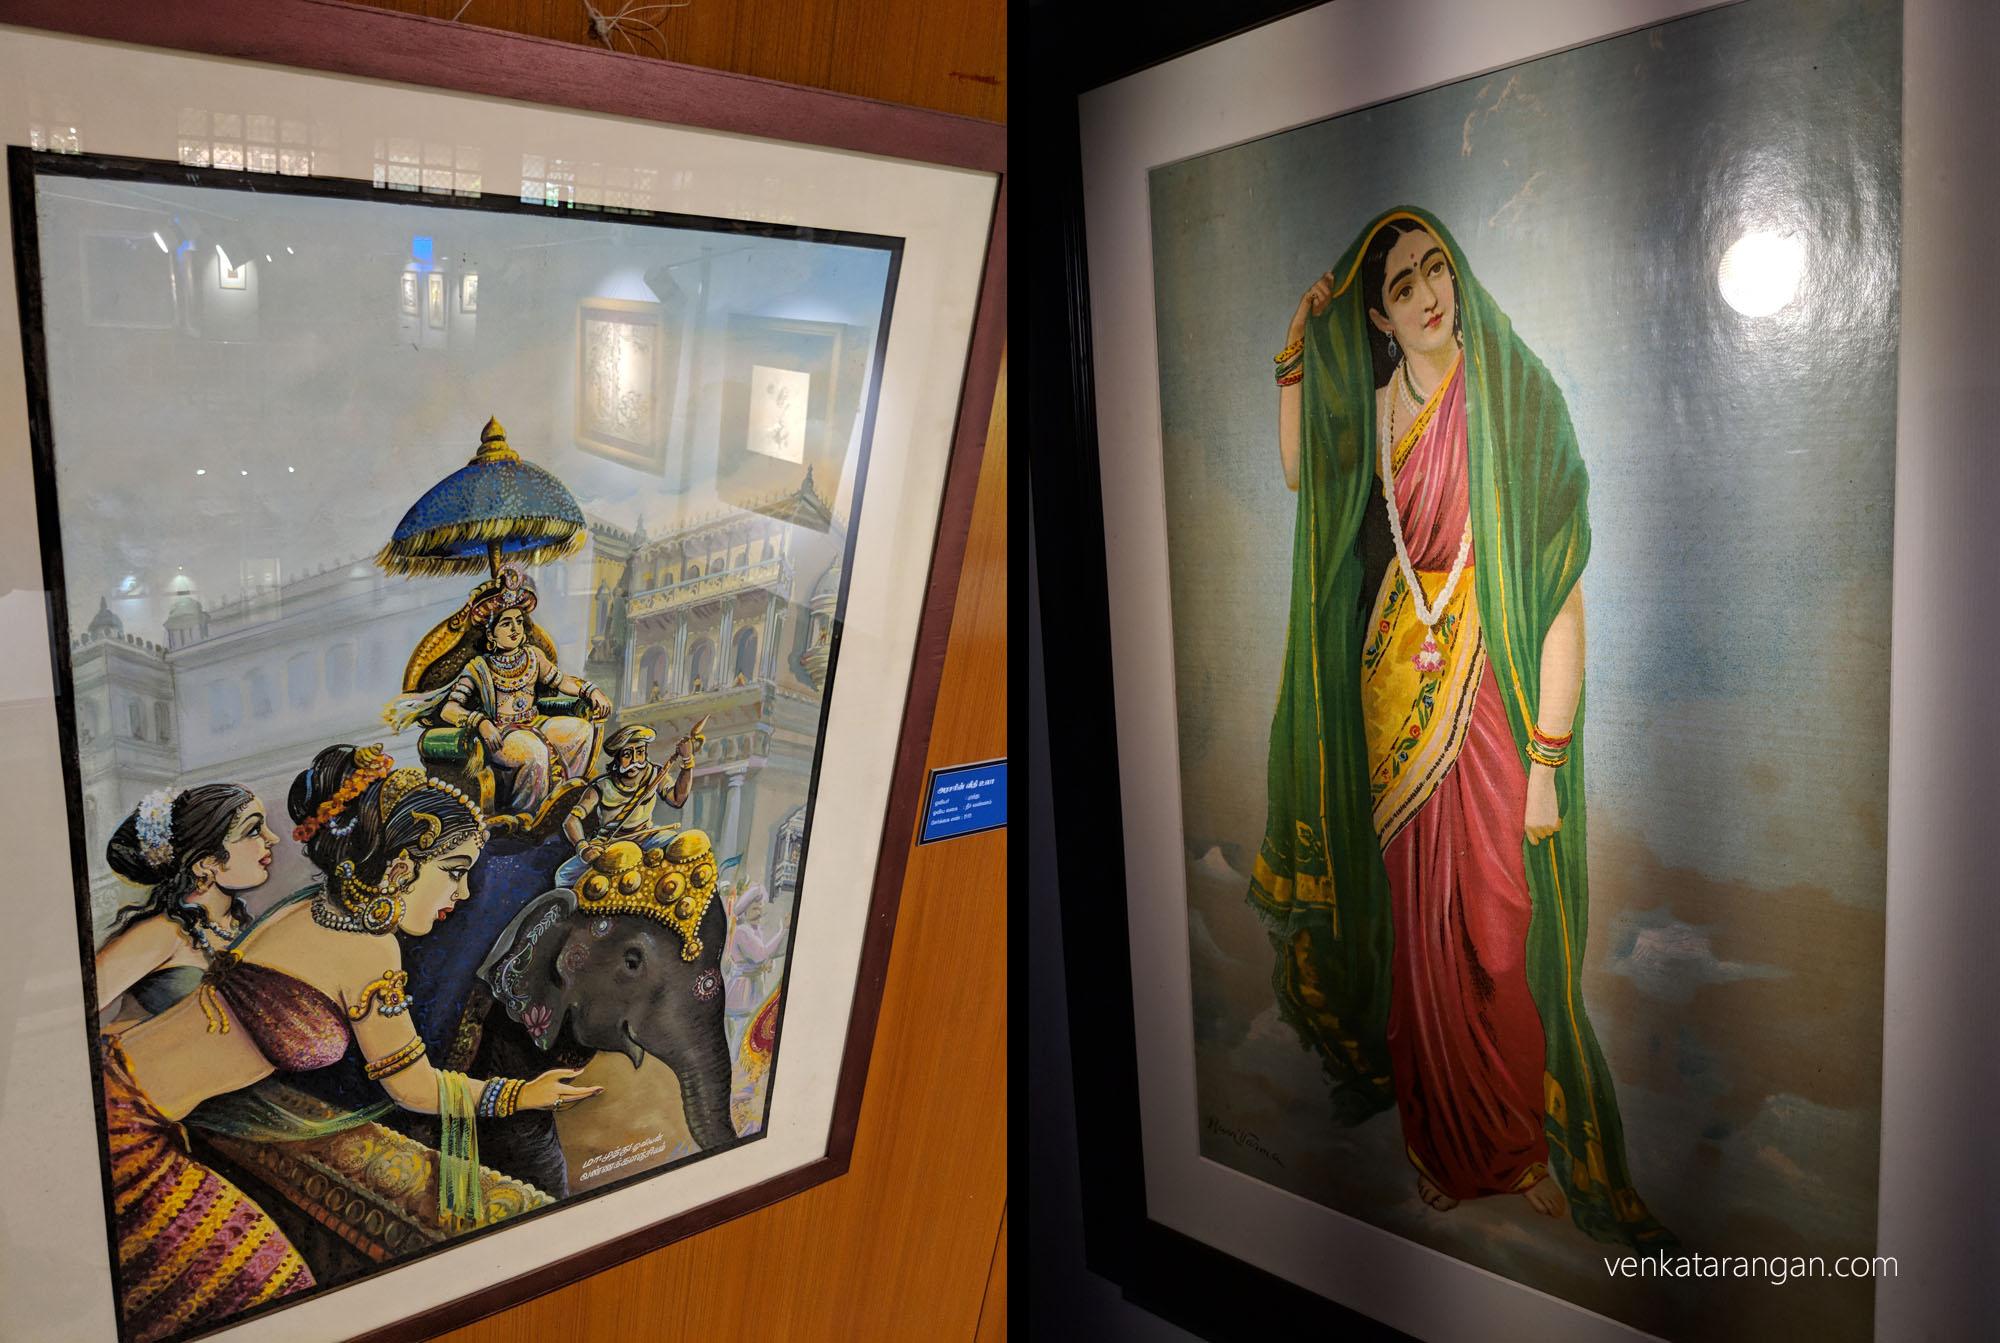 Left-அரசரின் வீதி உலா, ஓவியர்: மா.முத்து. Right-Rambha (இரம்பா), ஓவியர்: இராஜா ரவி வர்மா.